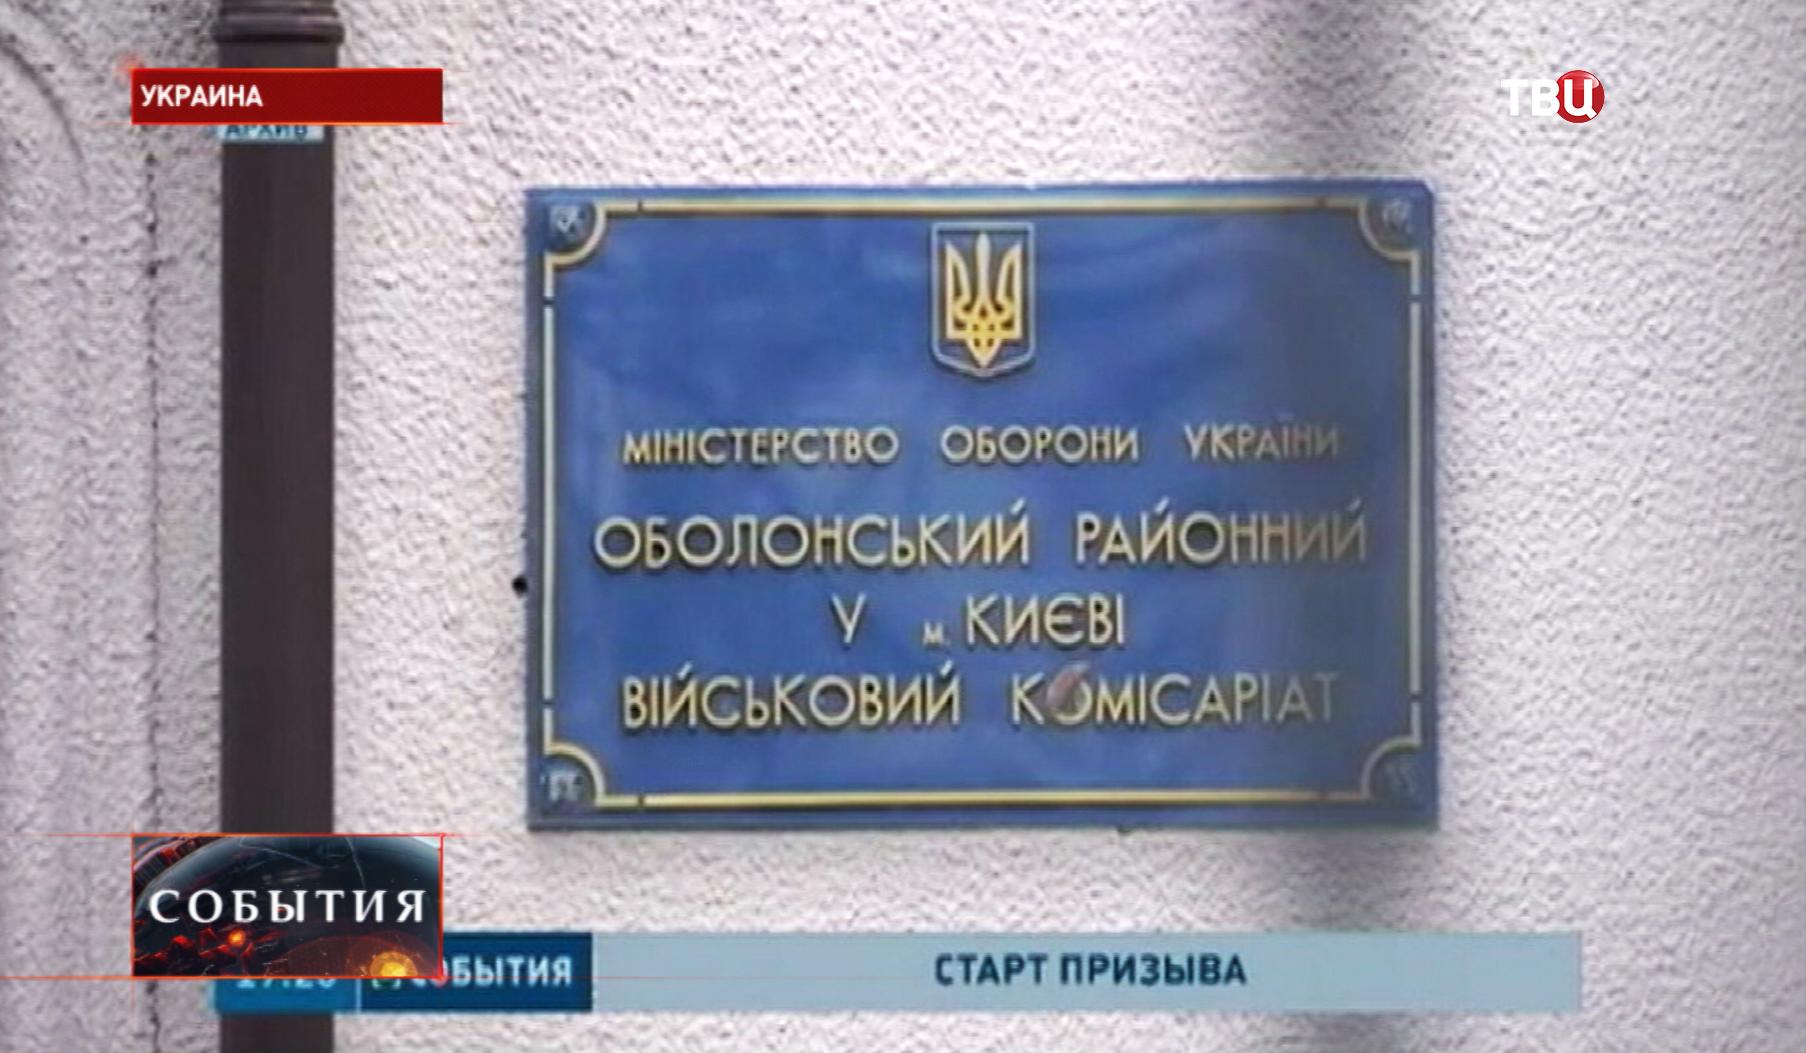 Оболонский районный военный комиссариат